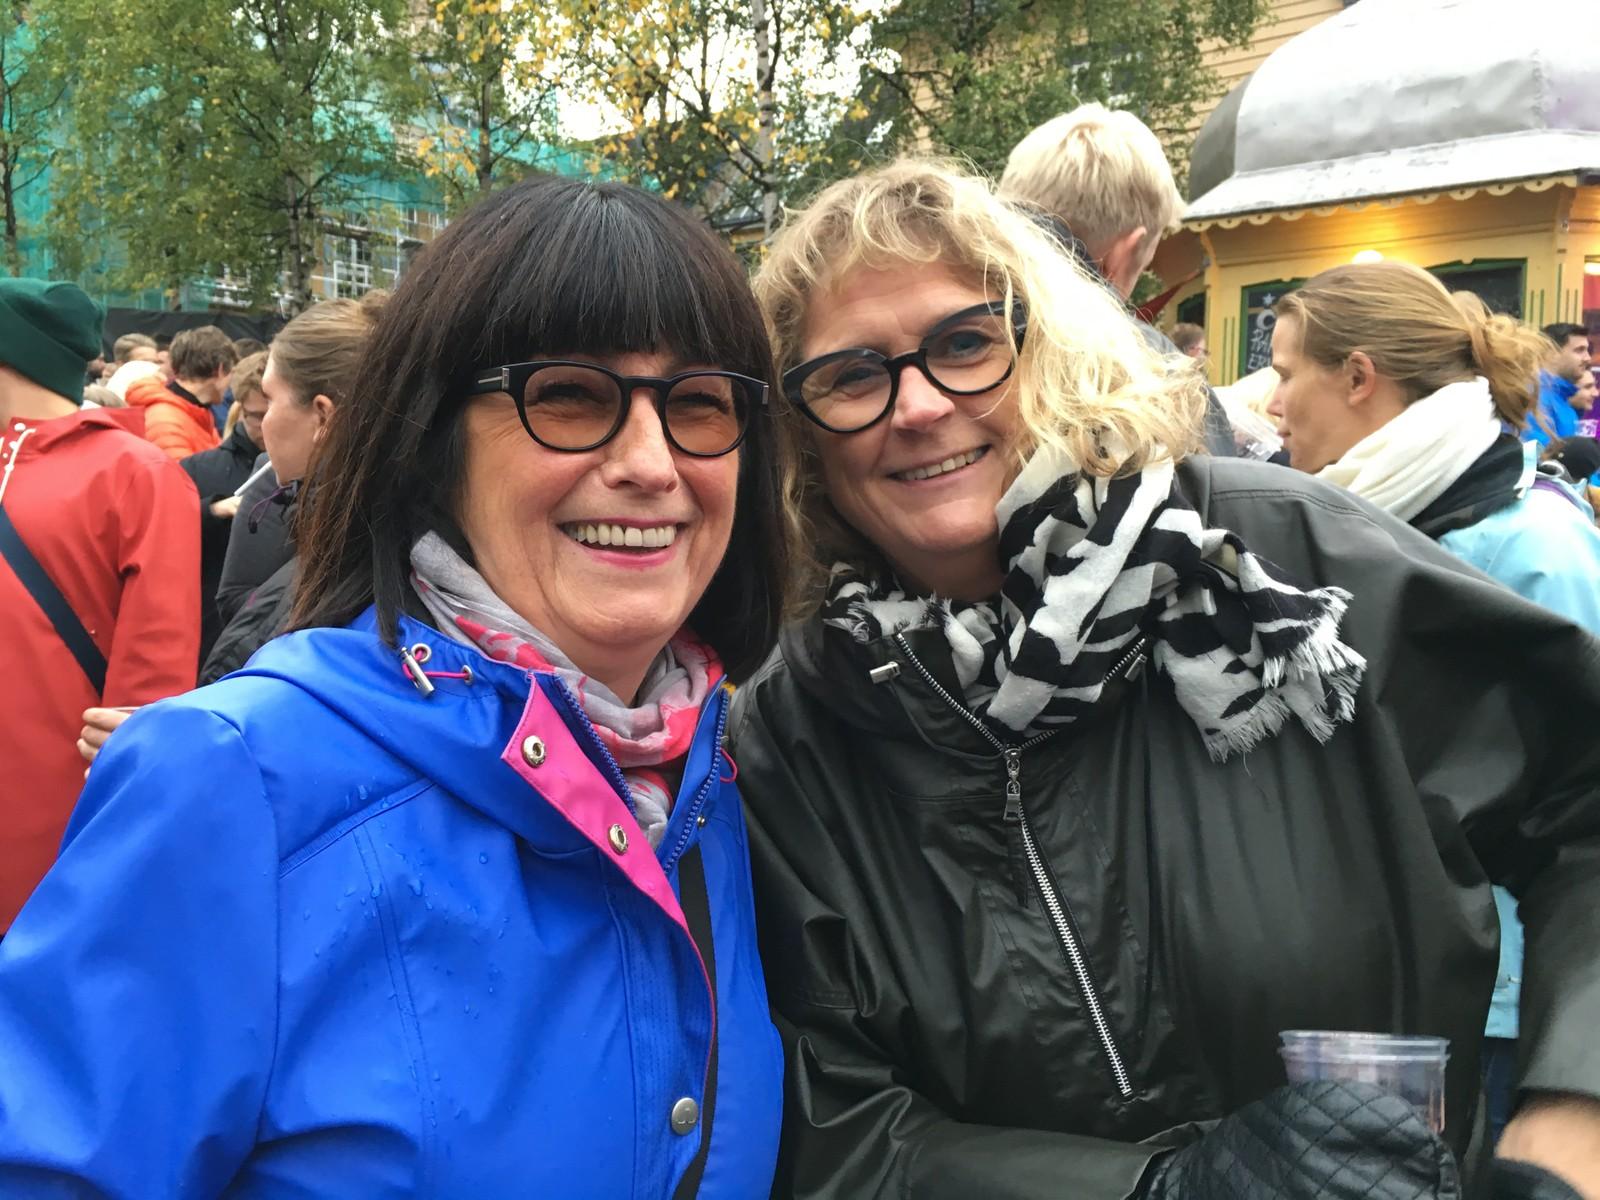 Margit Lein om Dagny: – Hun er helproff! Nora Kiil: – Musikken, stemmen, sceneutstrålinga, klærne. Hele Dagny er jo bare helproff – helproff, og superbra. Jeg har fulgt henne hele livet hennes. Hun har aldri vært opptatt av å flotte seg. Musikken har alltid vært viktigst.